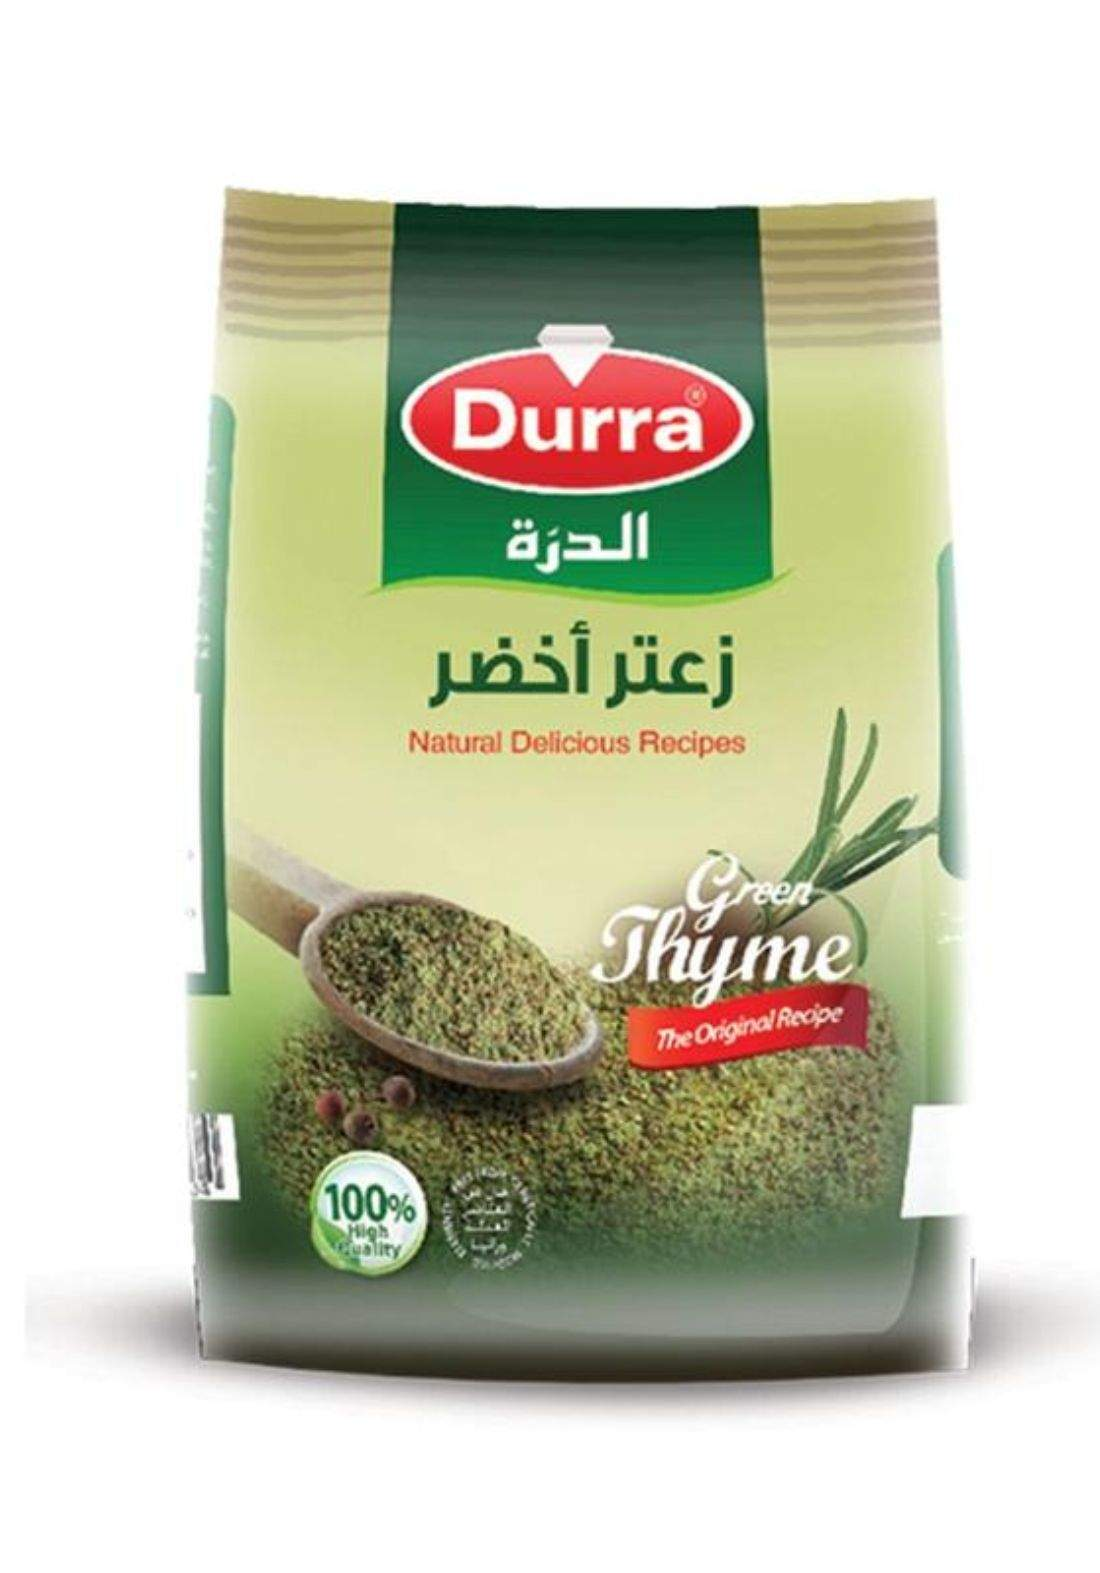 Durra green thyme 450g الدرة زعتر اخضر